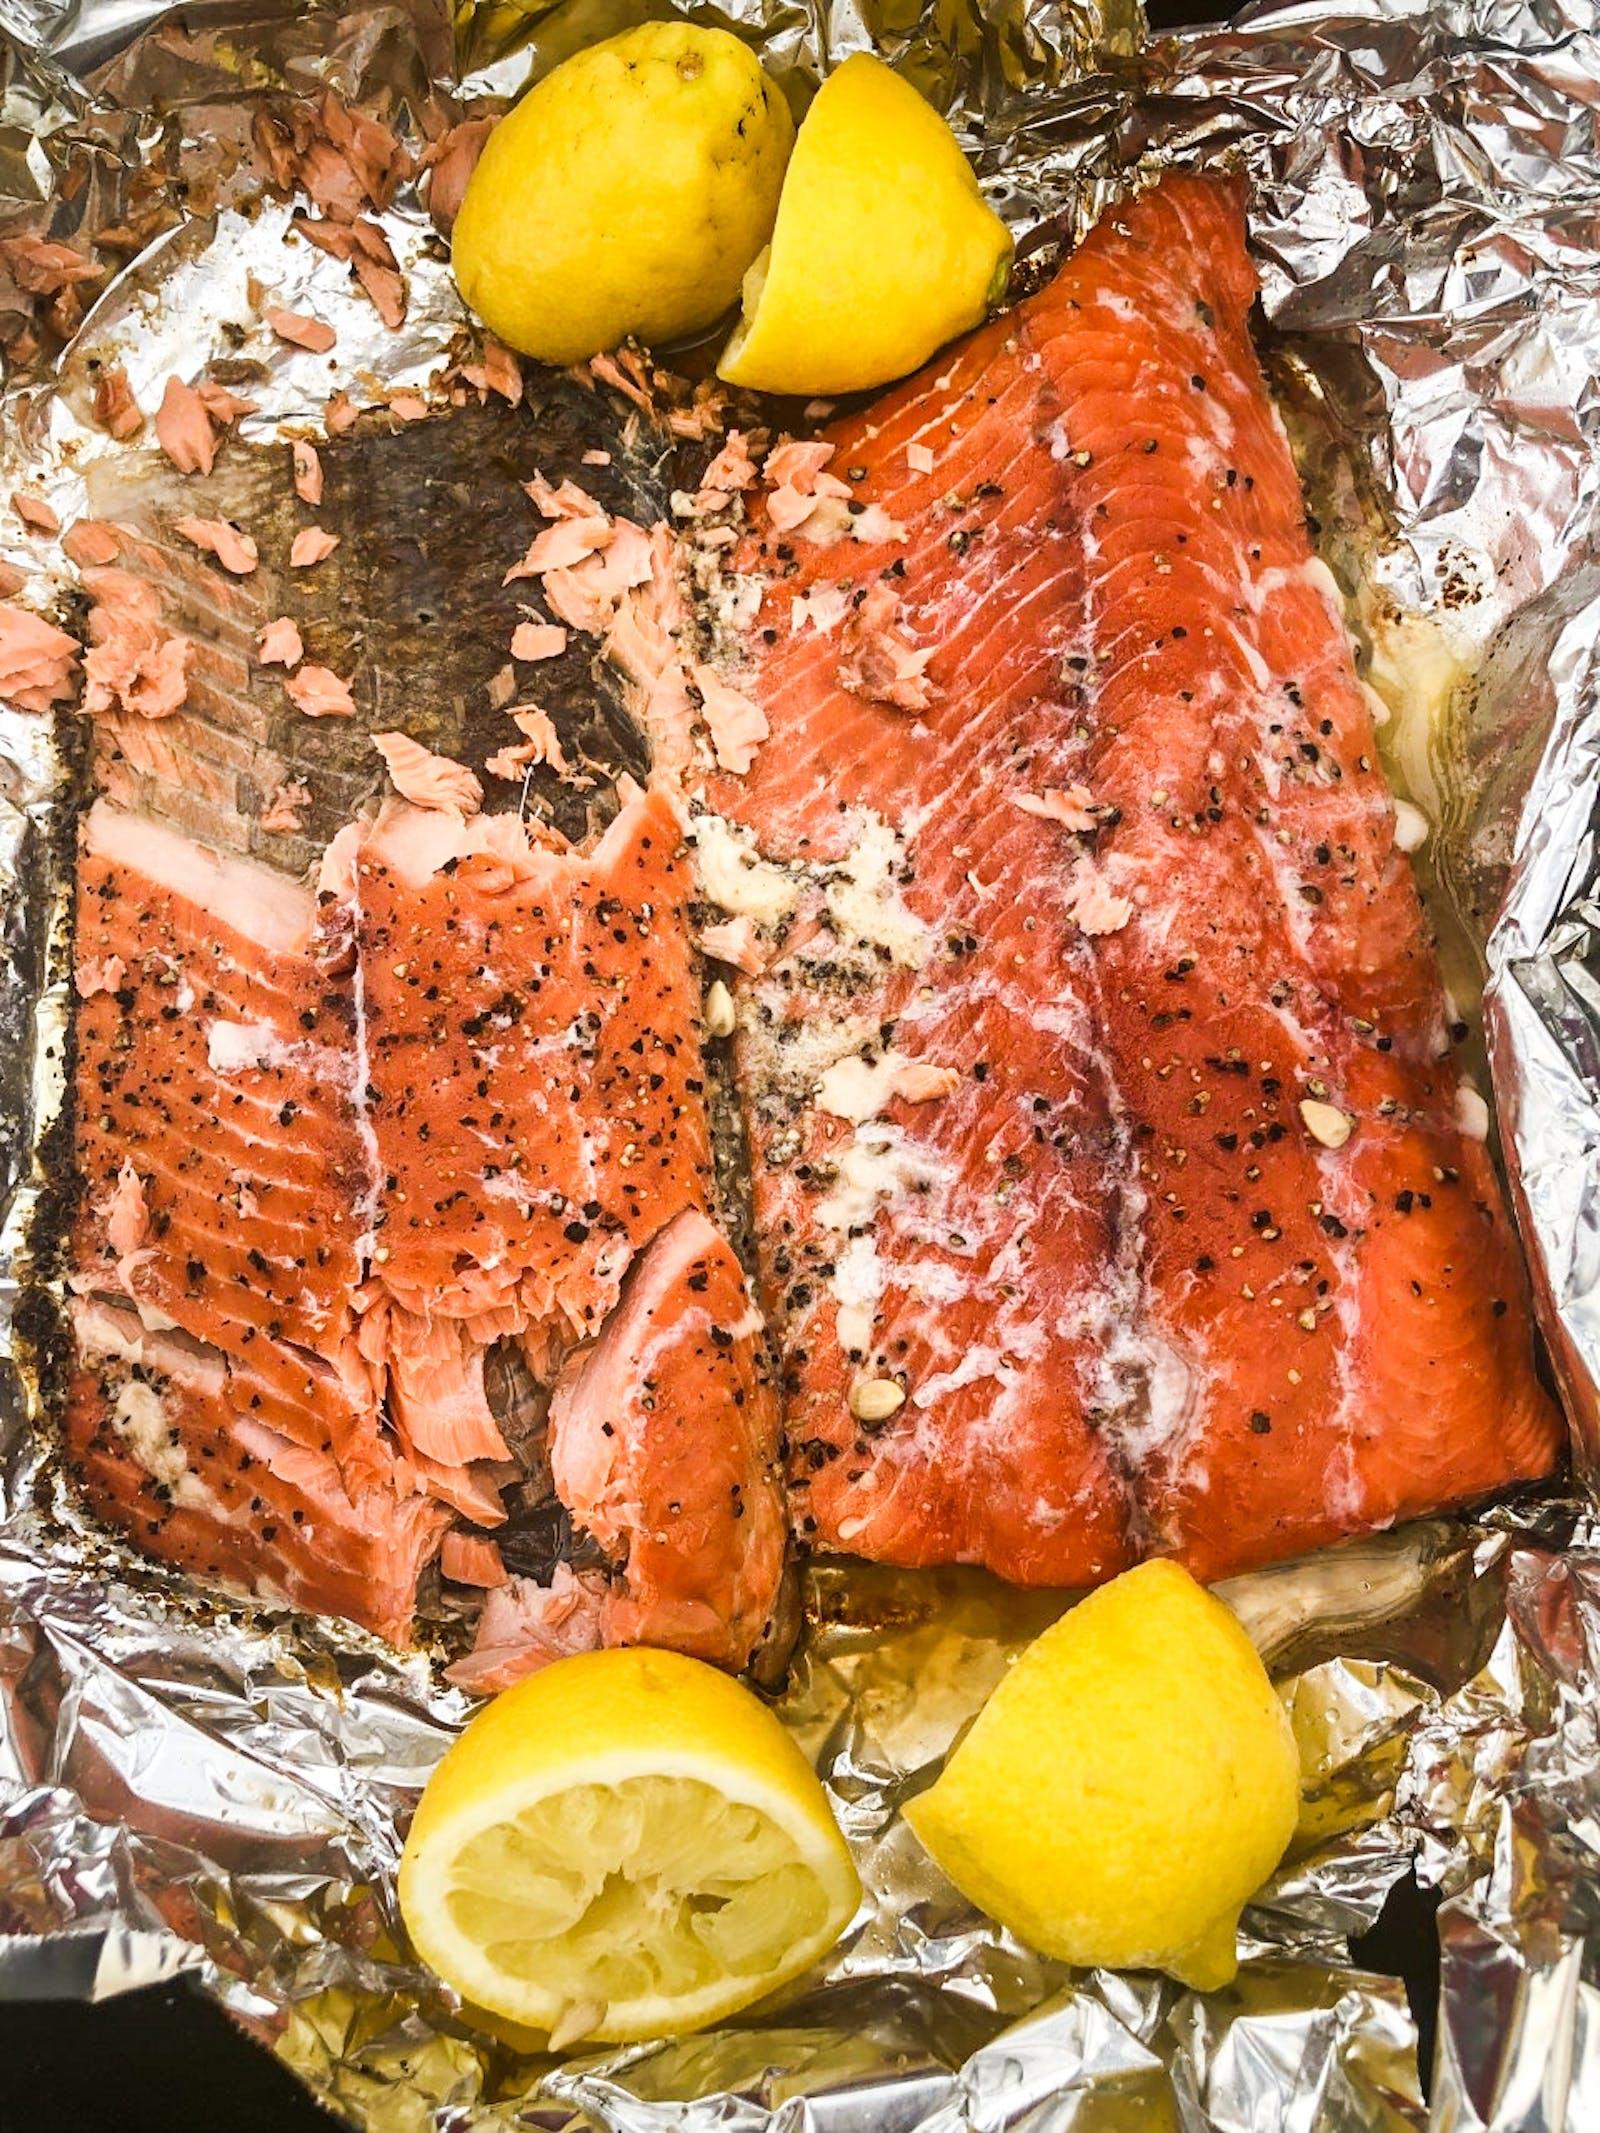 Grilled Alaskan king salmon with lemon.